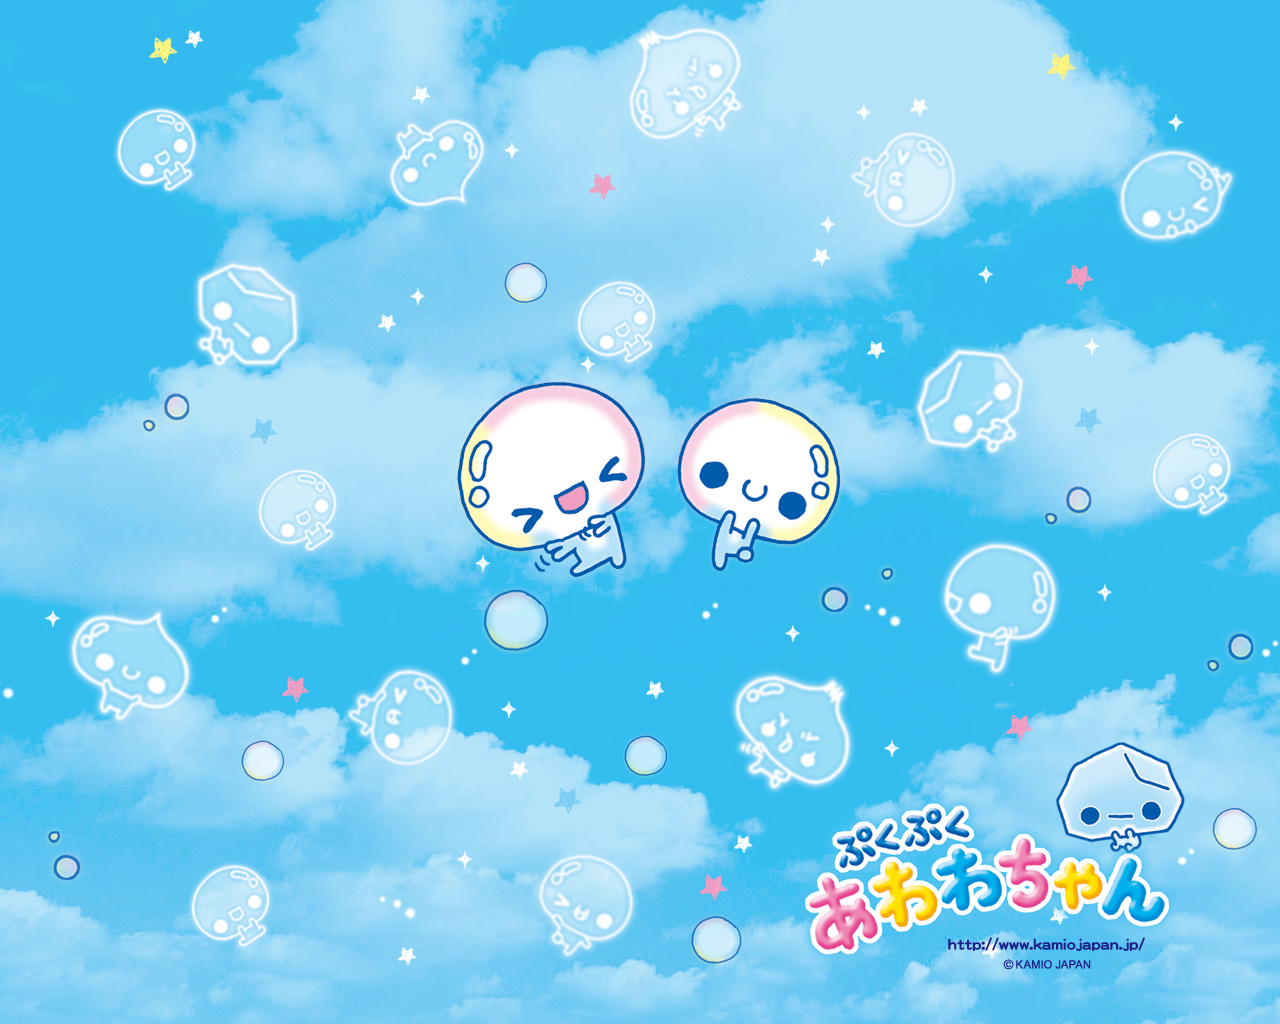 Moomin wallpaper pinterest - Lilli Est Friand De A Blog Of Cute Kamio Awawa Chan